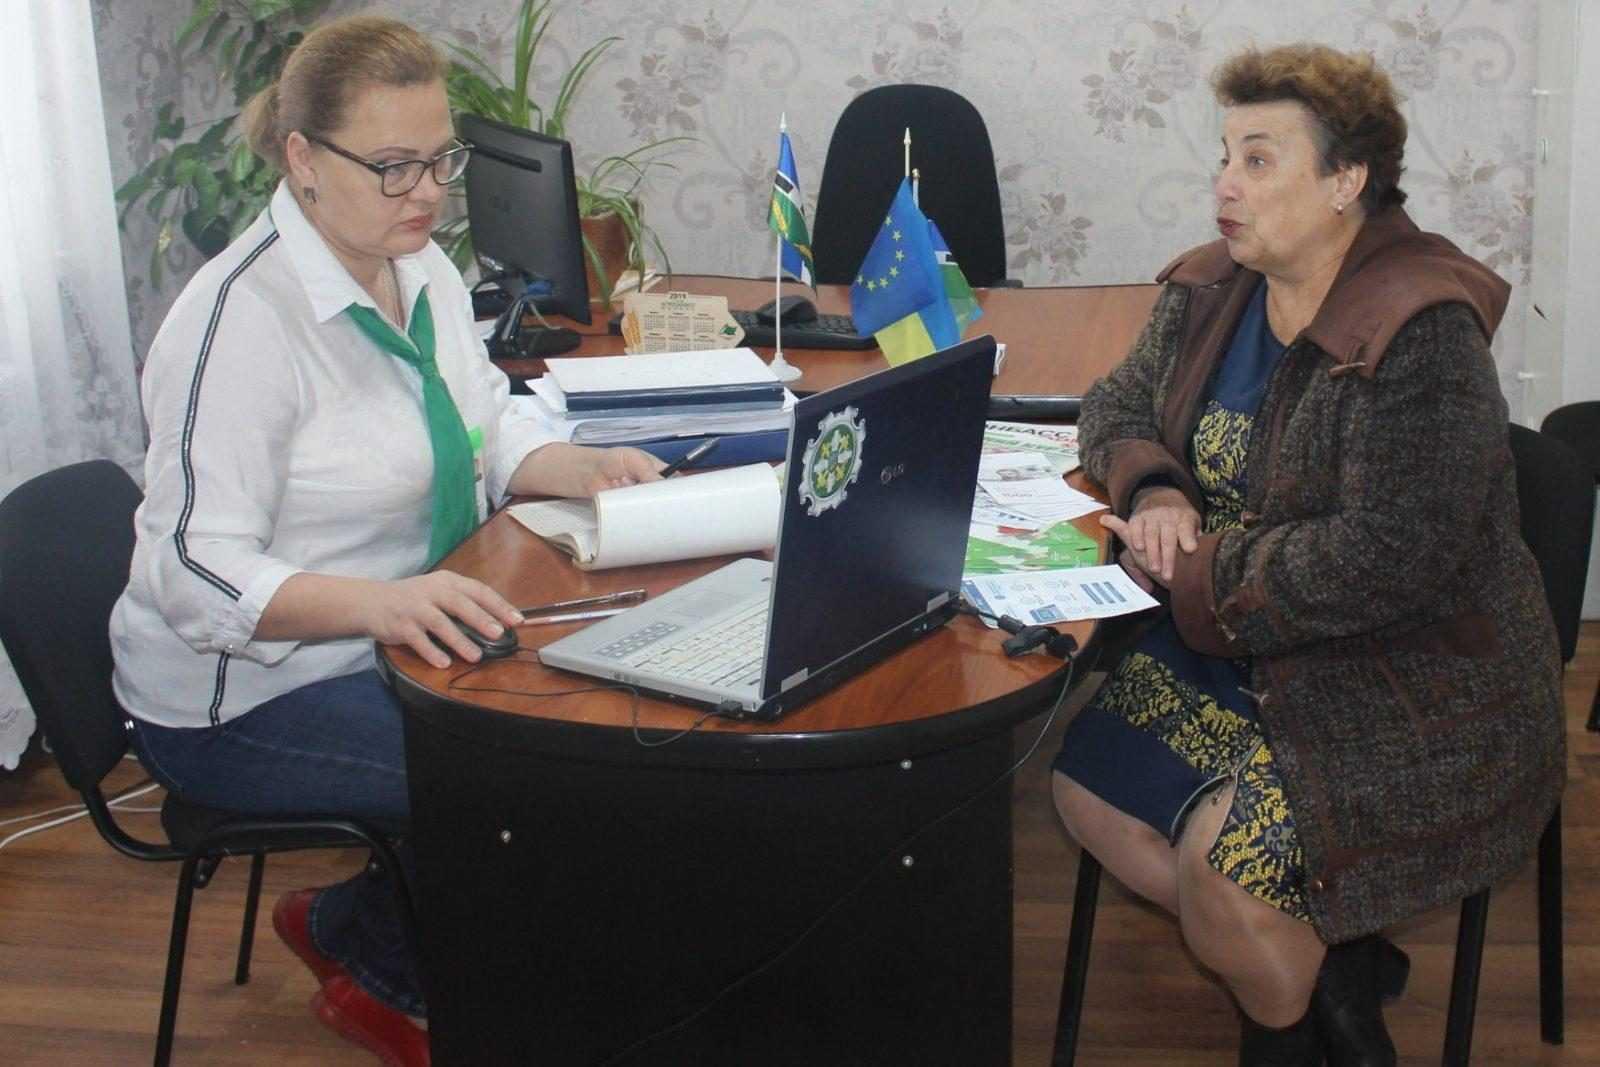 Про контроль за набуттям страхового стажу розповіли мешканцям Сергіївки під час виїзного прийому